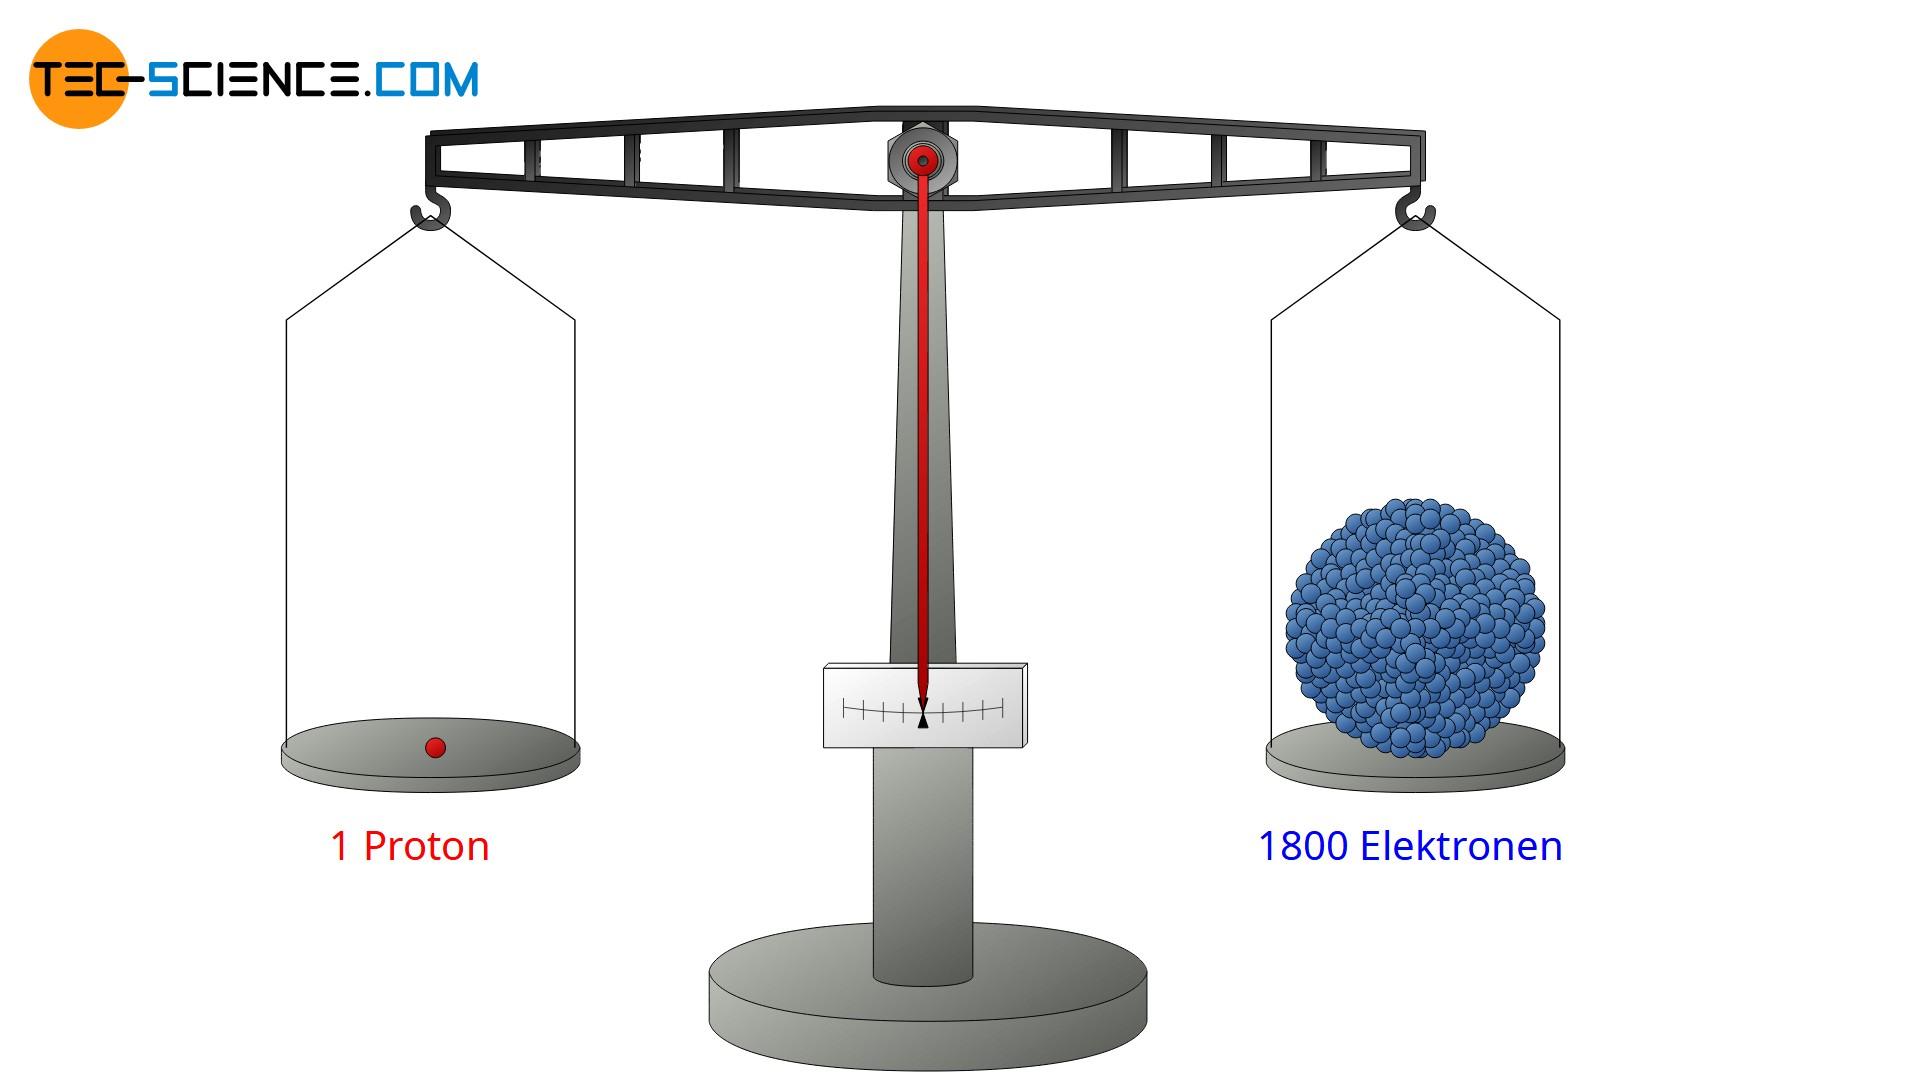 Massenvergleich eines Protons und Elektrons